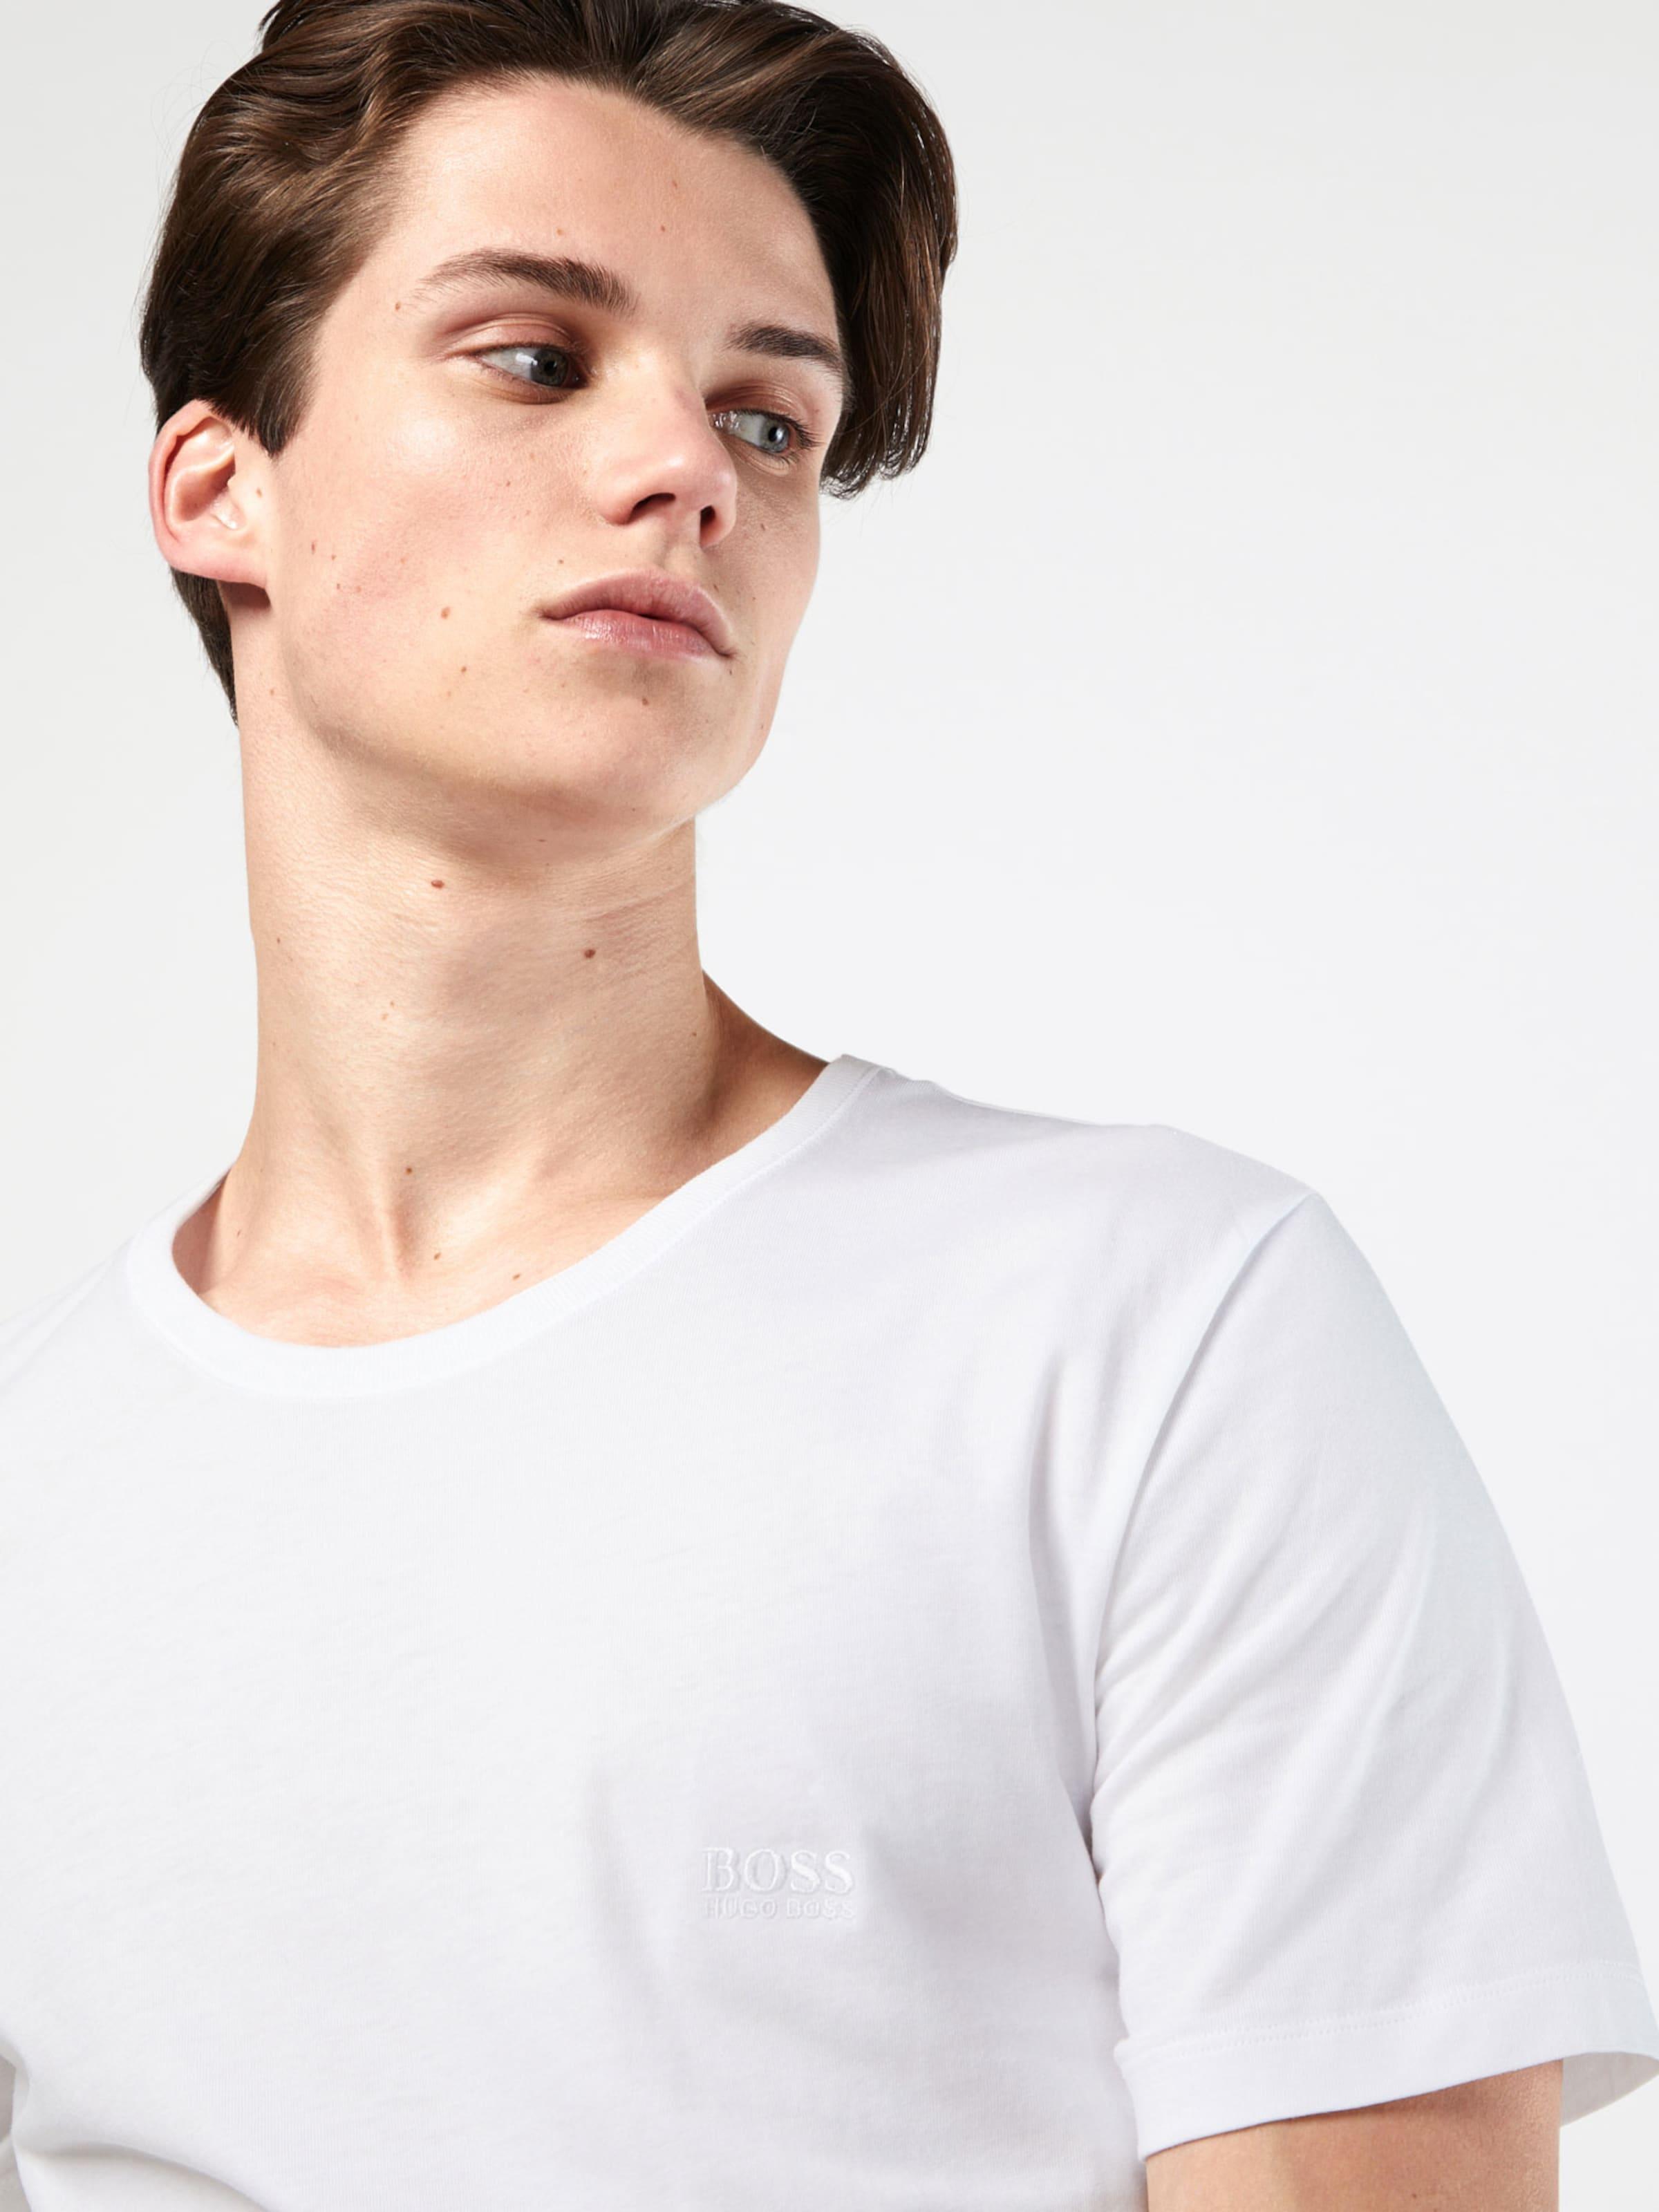 BOSS T-Shirt 'RN 3P CO' Steckdose Neu Großer Verkauf Shopping-Spielraum Online Phz4Z